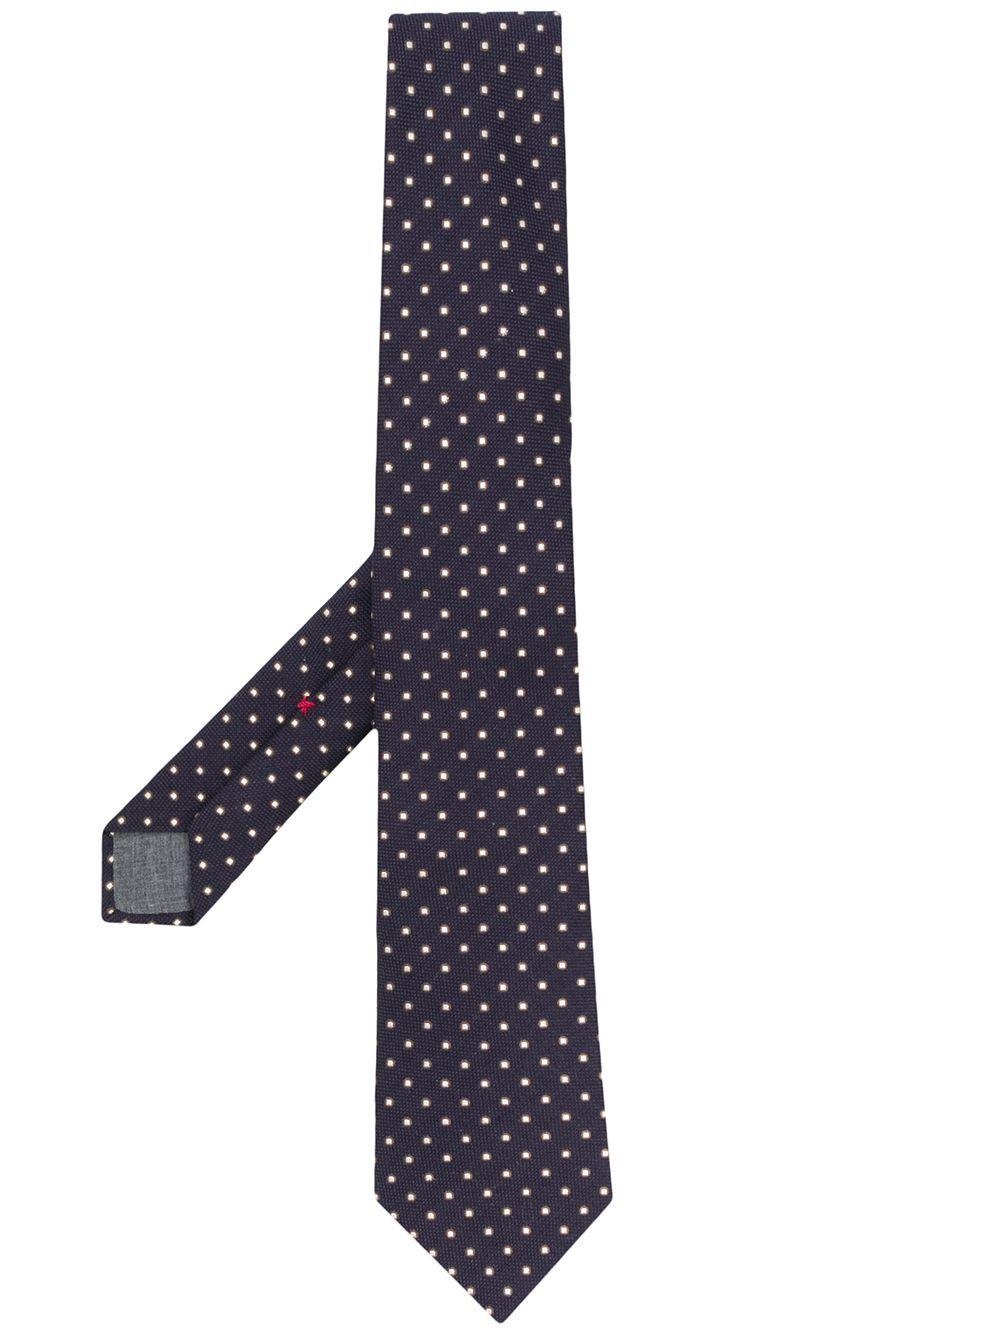 Cravatta in lana misto seta